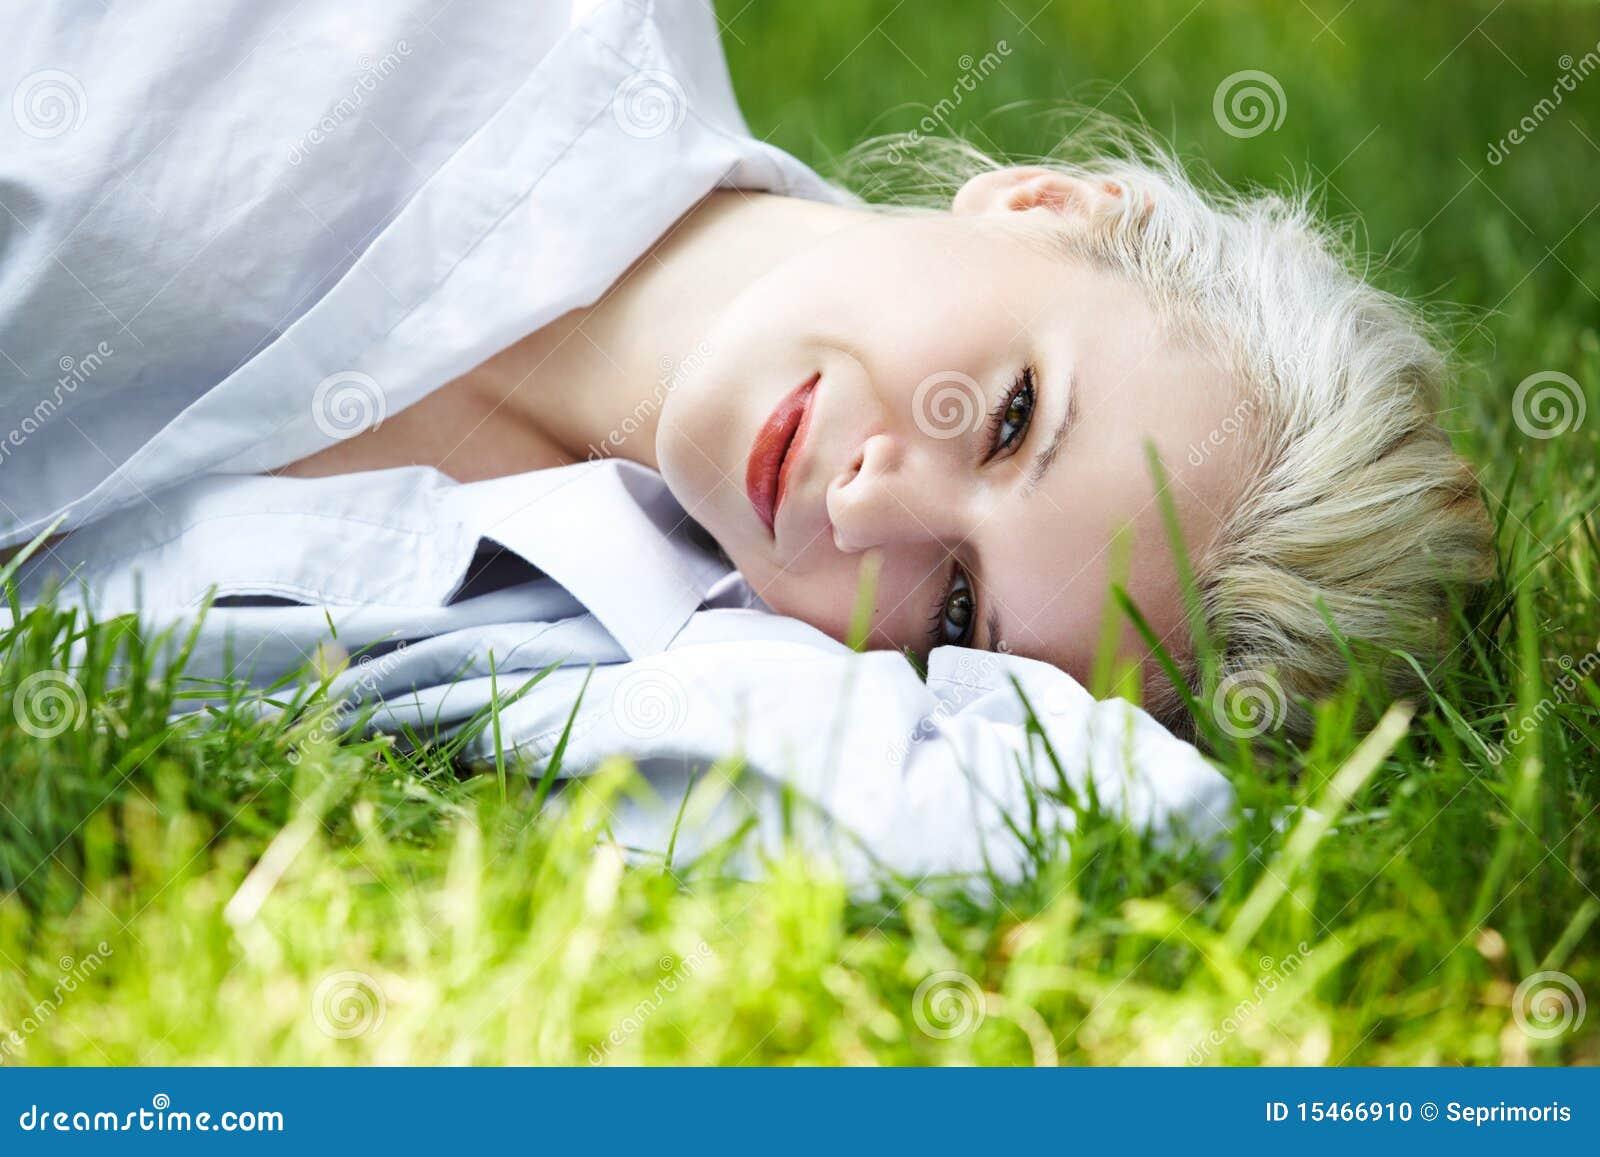 Welzijn. De gelukkige glimlachende vrouw heeft rust op gras